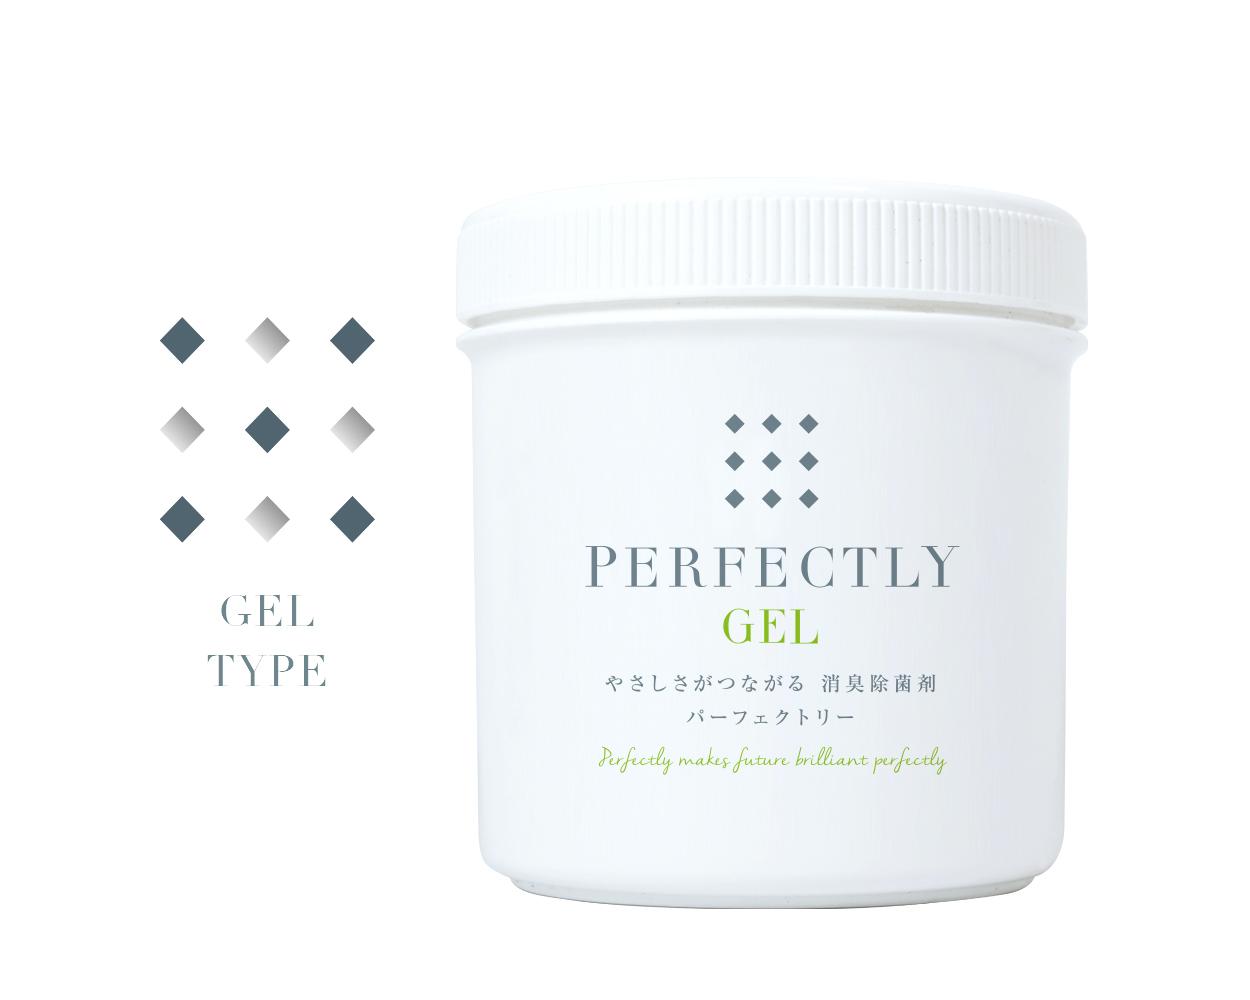 PERFECTLY GEL(500g)